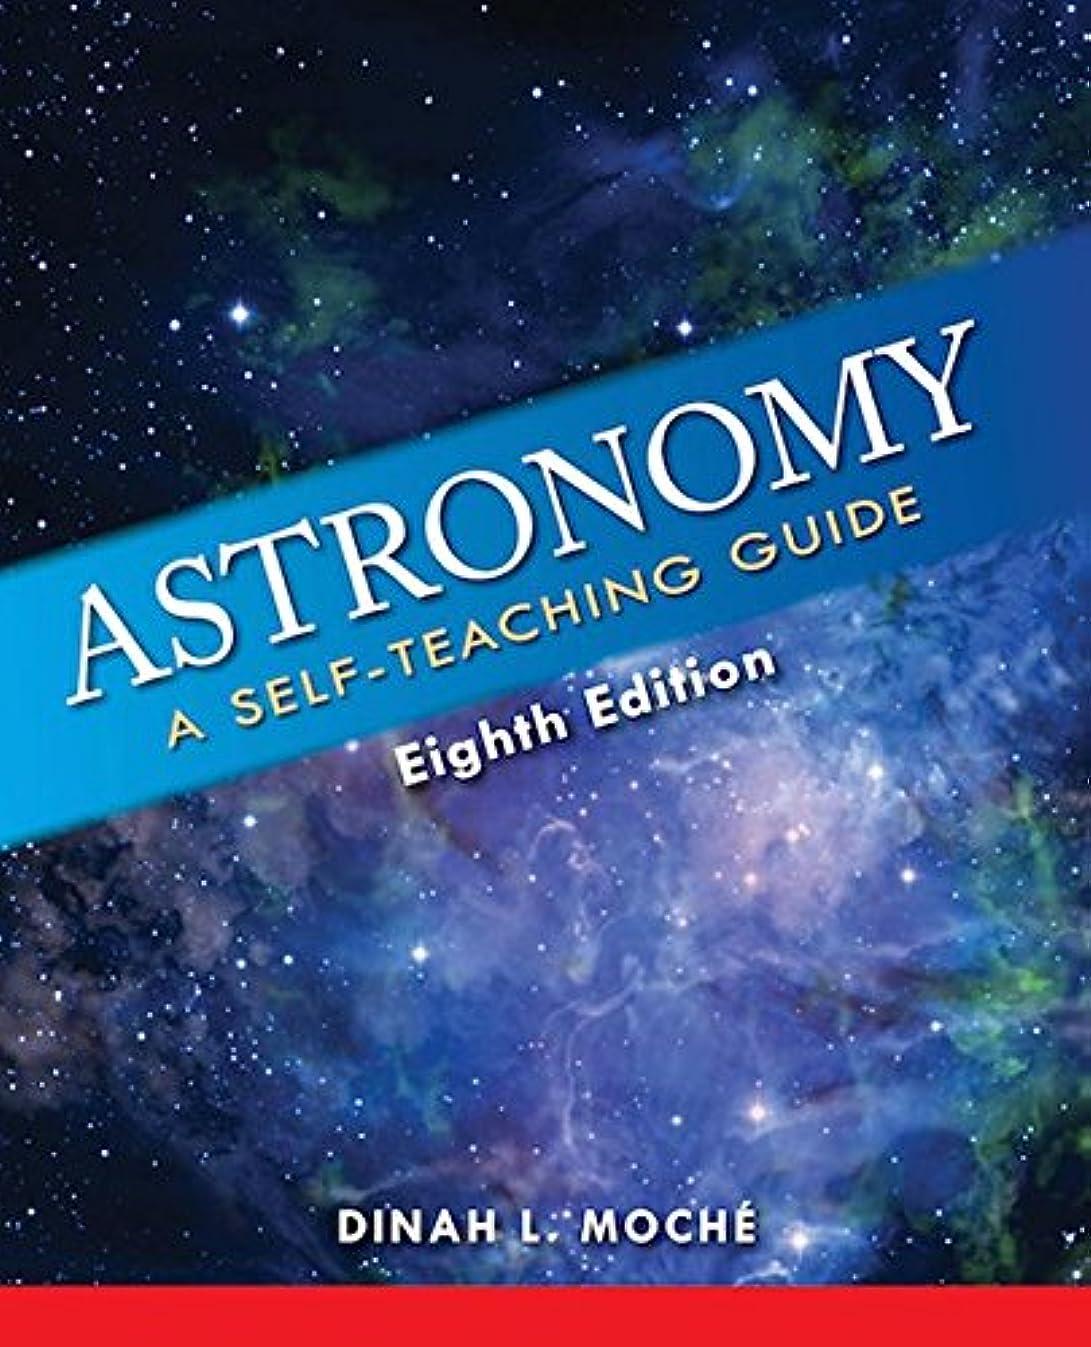 頑丈想定するちょっと待ってAstronomy: A Self-Teaching Guide, Eighth Edition (English Edition)